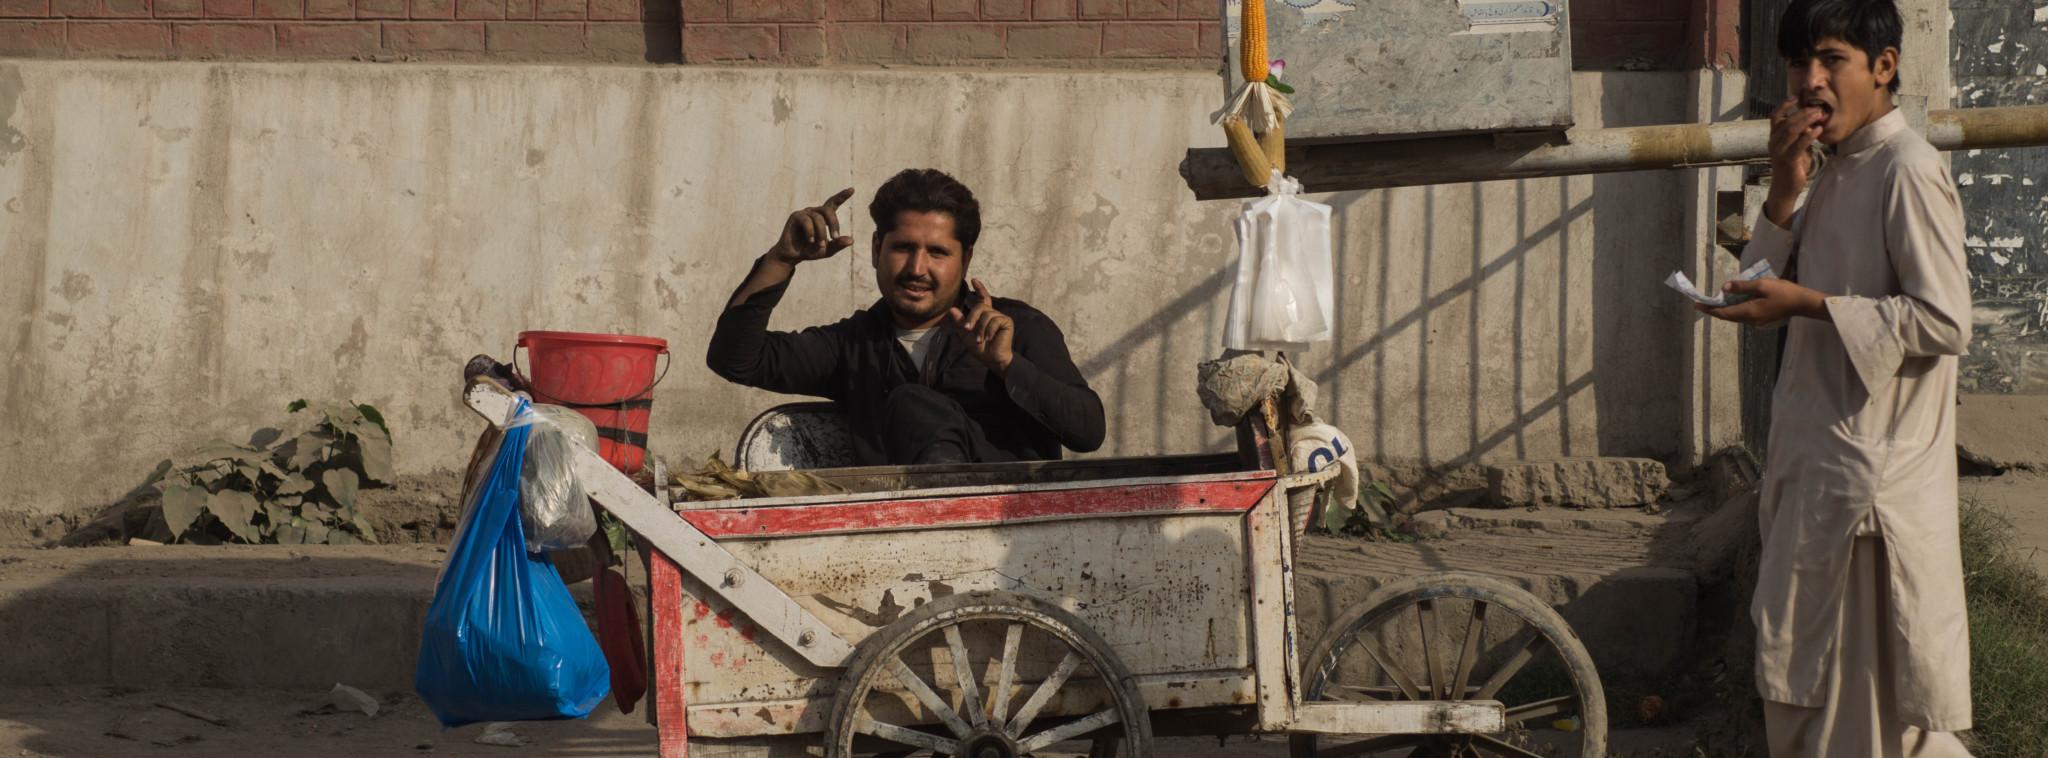 Sicherheit in Pakistan